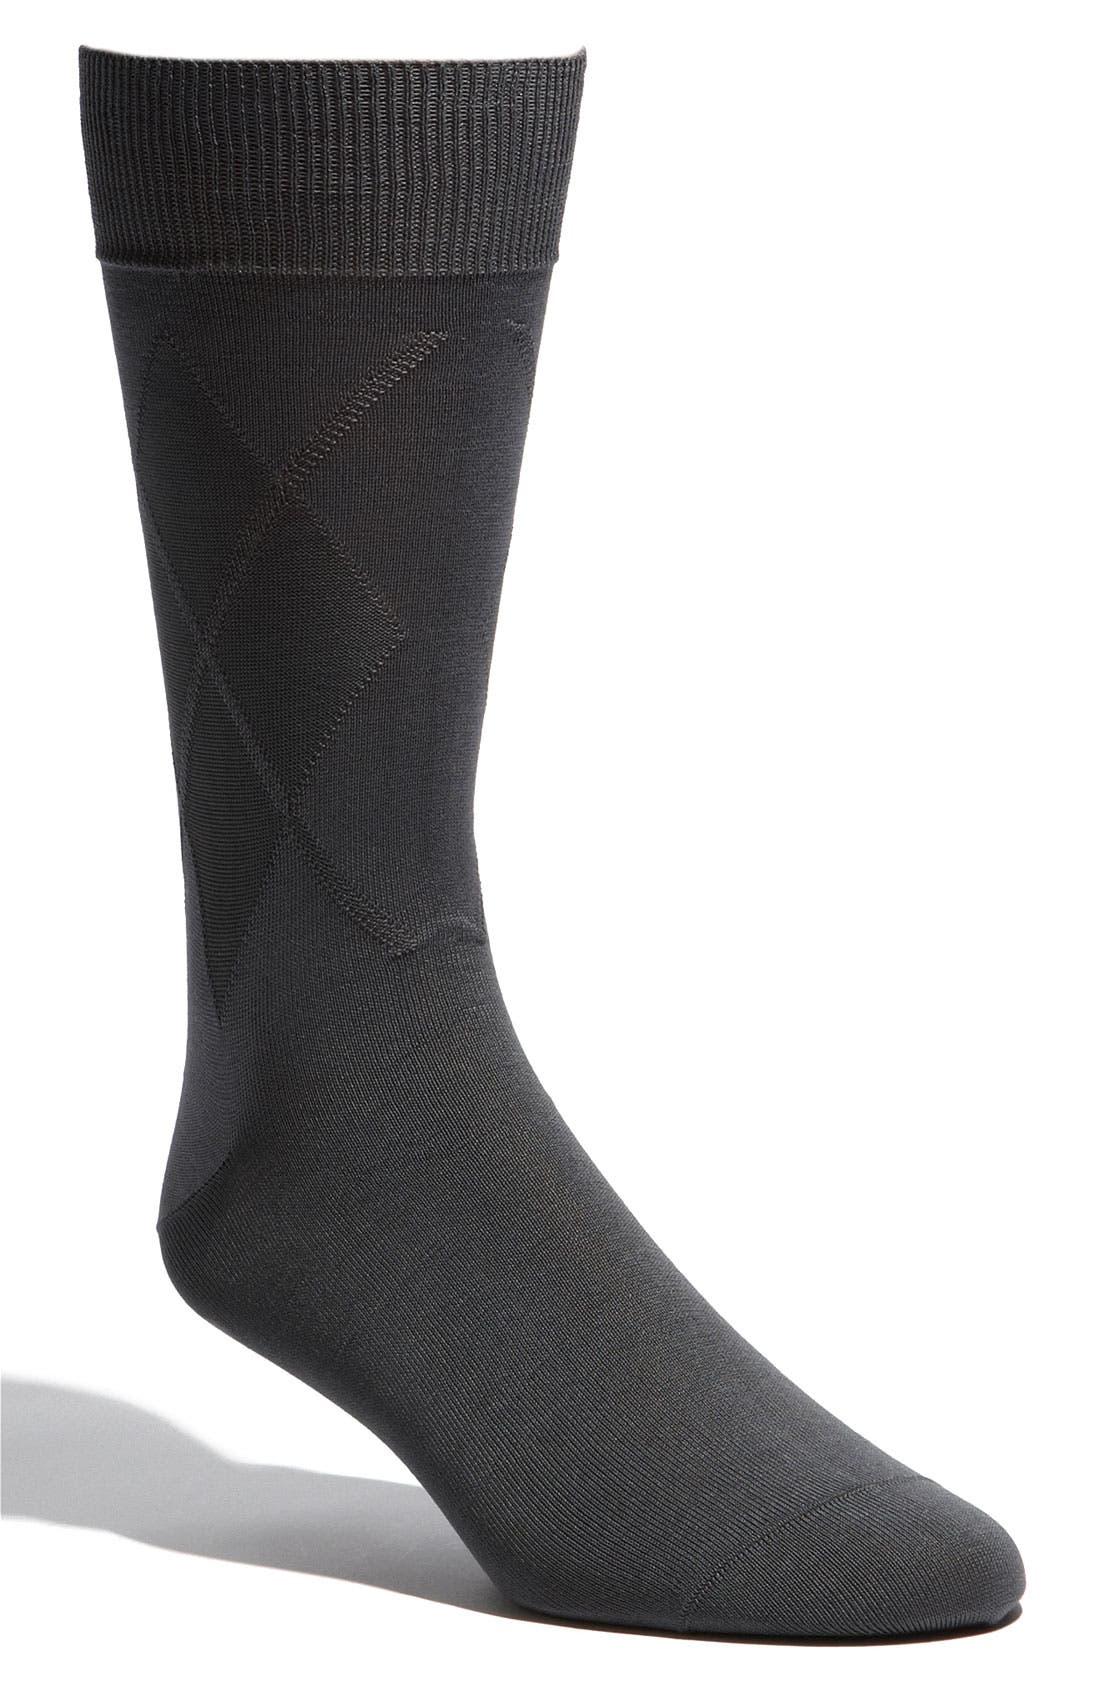 Main Image - Bugatchi Uomo 'Basic' Socks